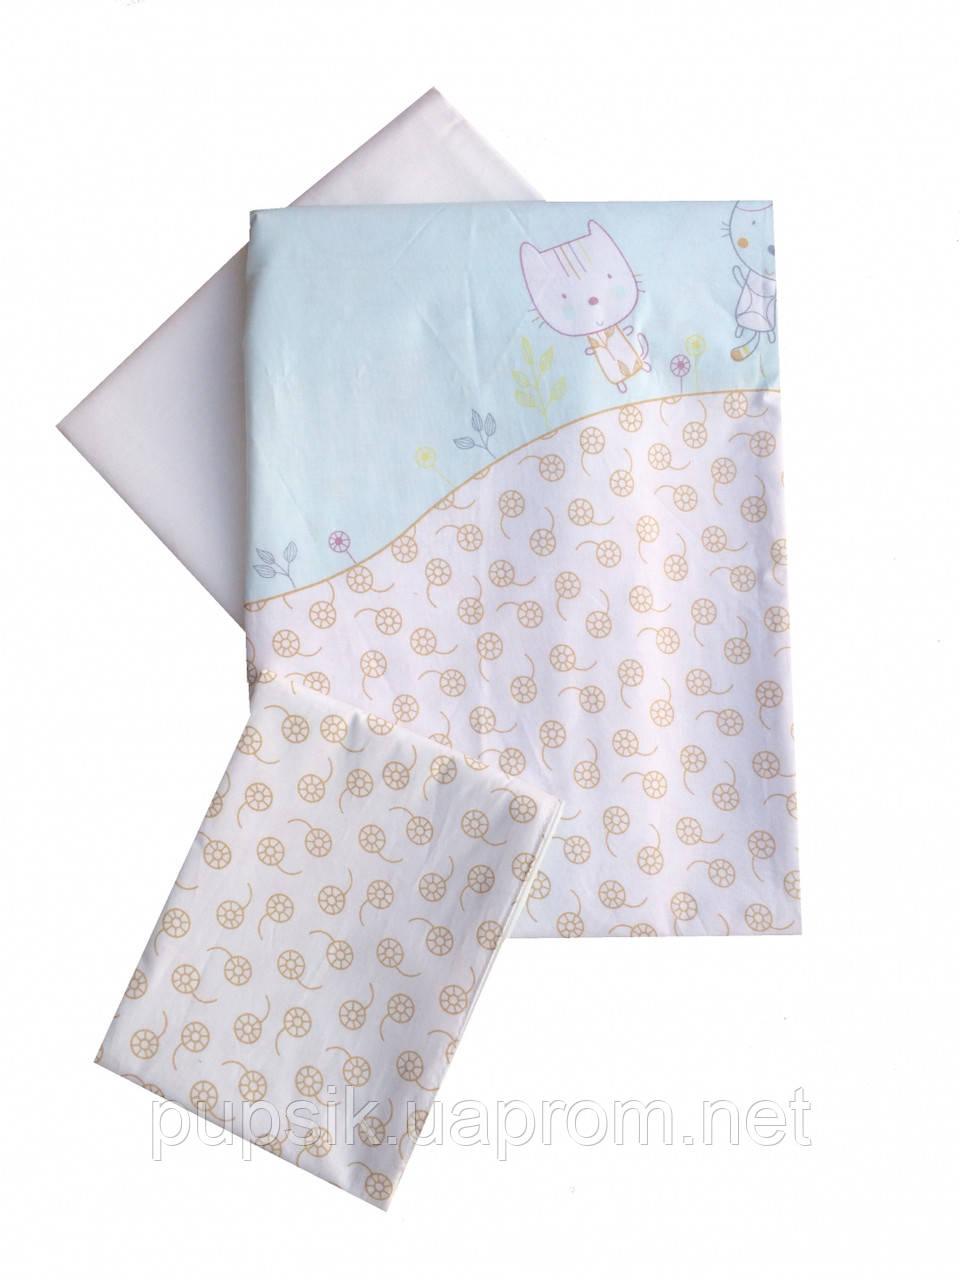 Сменная постель в кроватку Twins Comfort Котики (3 предмета) 004